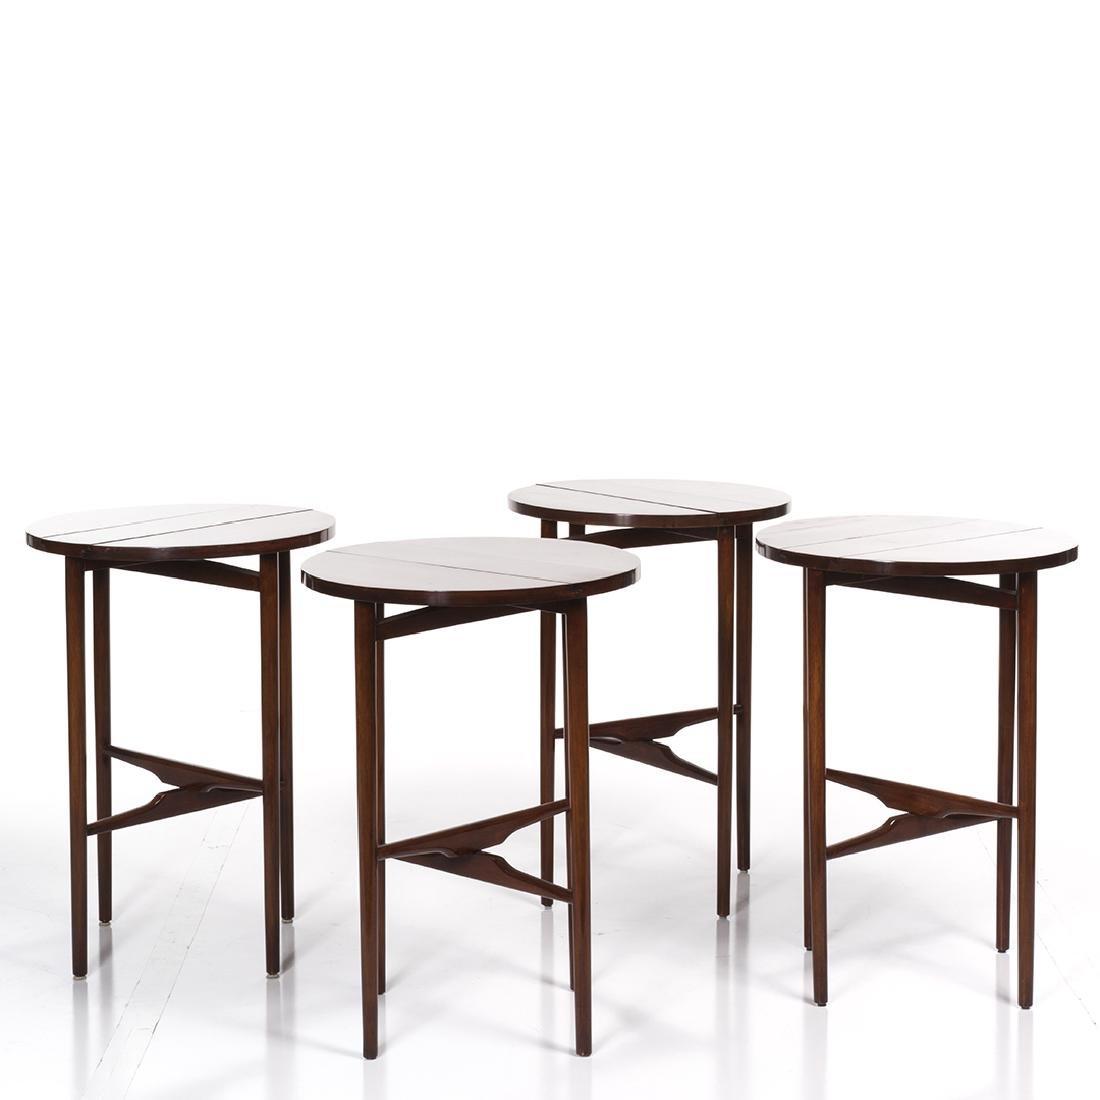 Bertha Schaeffer Nesting Tables - 3